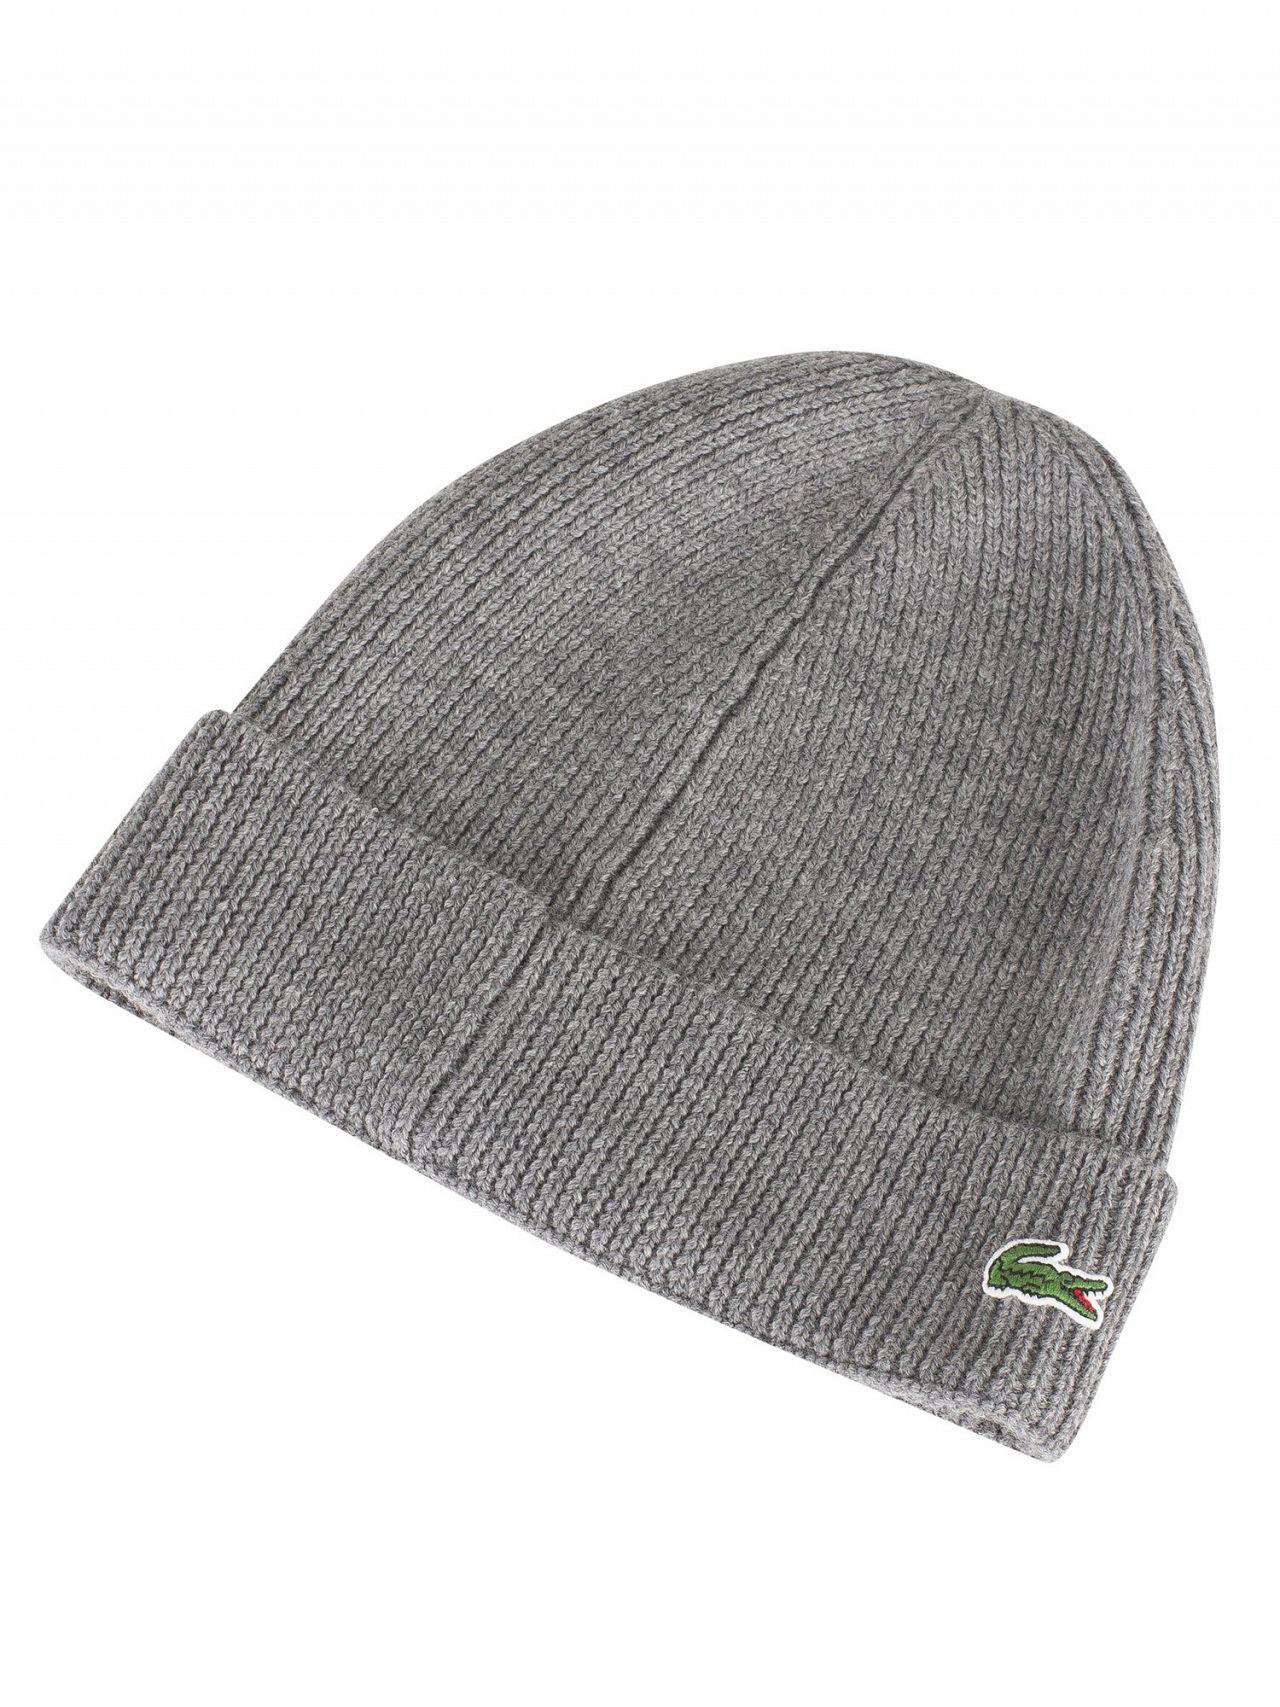 Lacoste Grey Logo Beanie in Gray for Men - Lyst b5ea9189daba